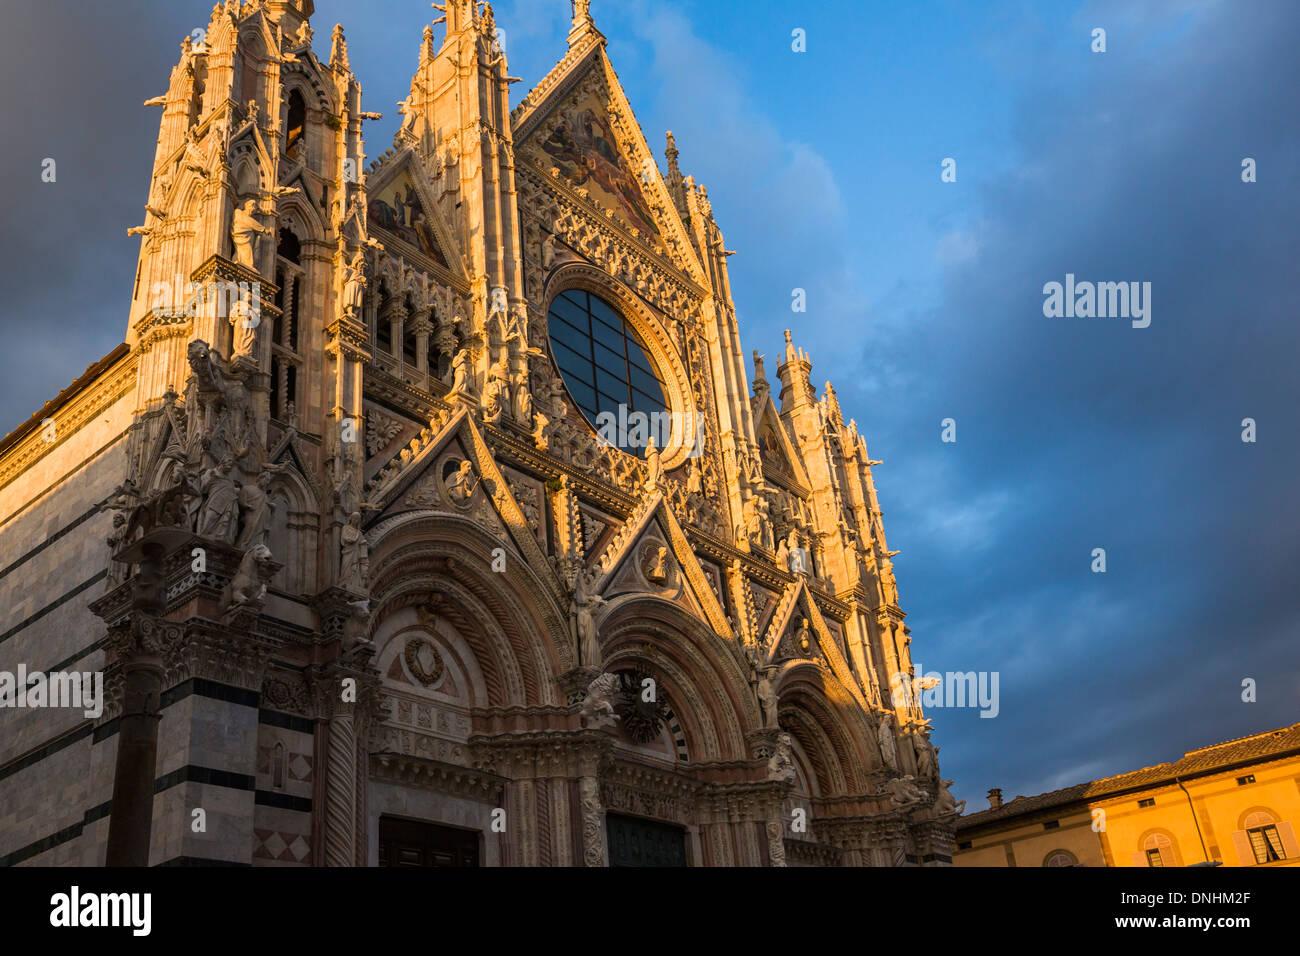 Ángulo de visión baja de una catedral, la catedral de Siena, Siena, Siena, Italia, Toscana, provincia Foto de stock